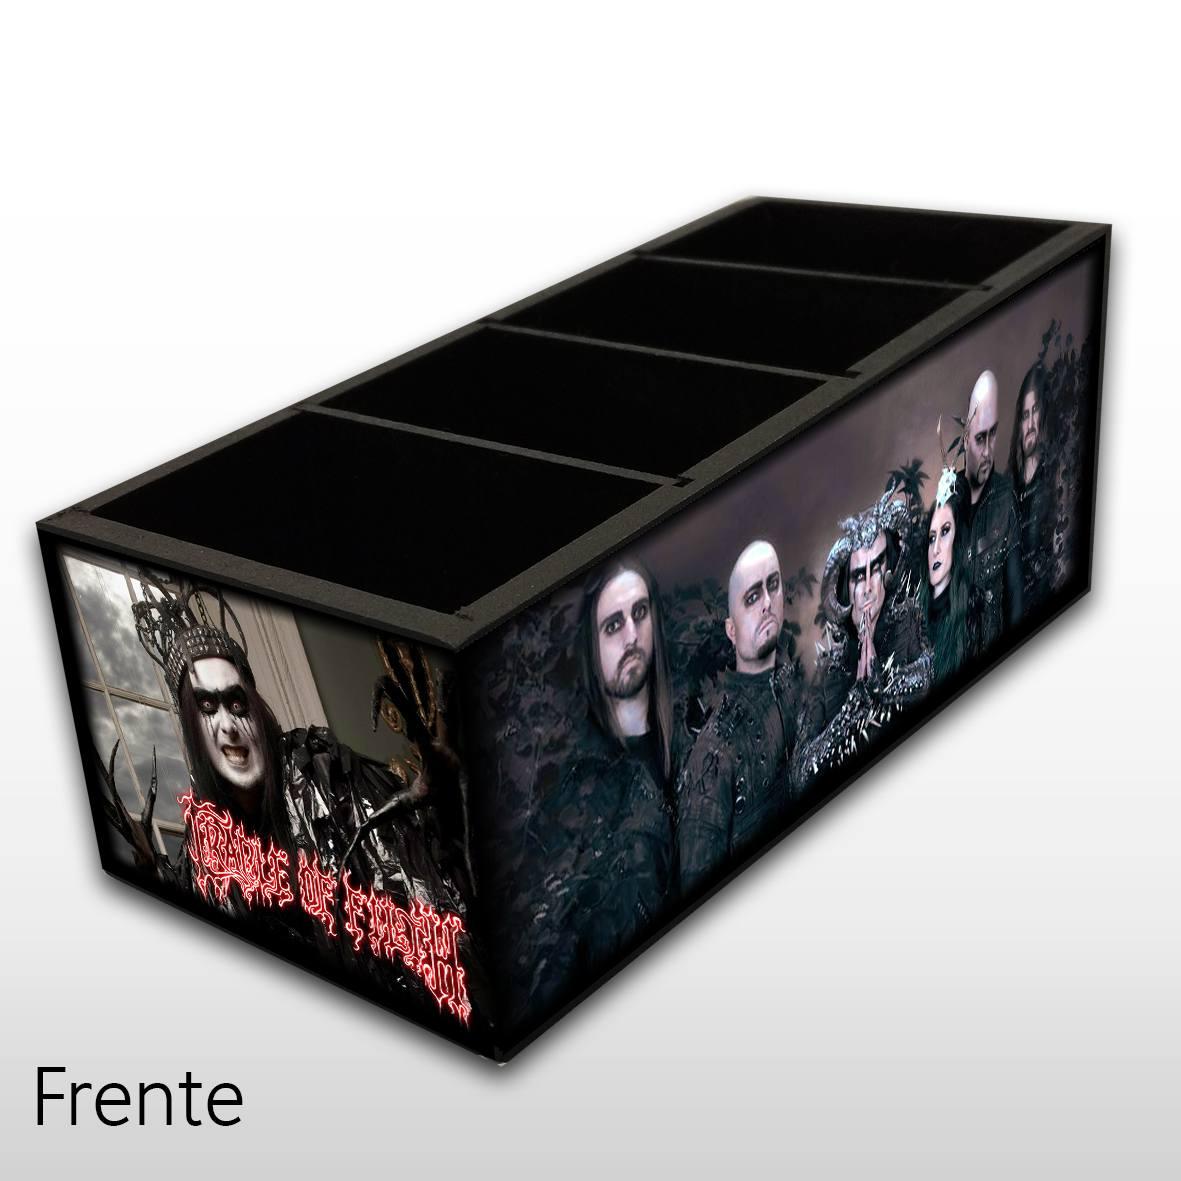 Cradle Of Filth - Porta Controles em Madeira MDF - 4 Espaços - Mr. Rock